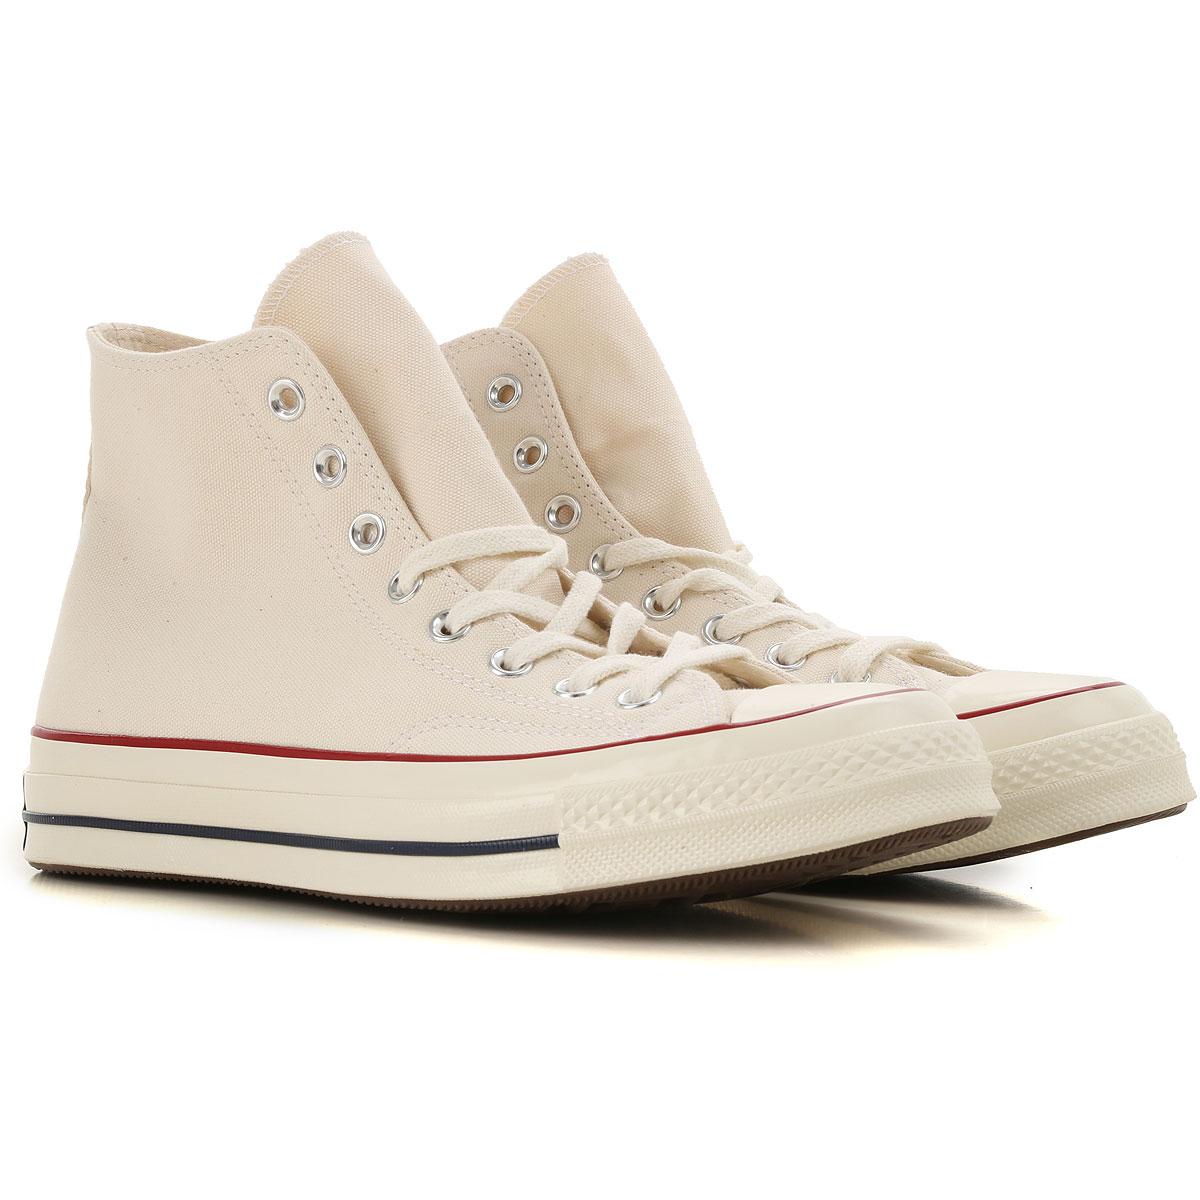 dc730a910350 Converse. Shoes for Men